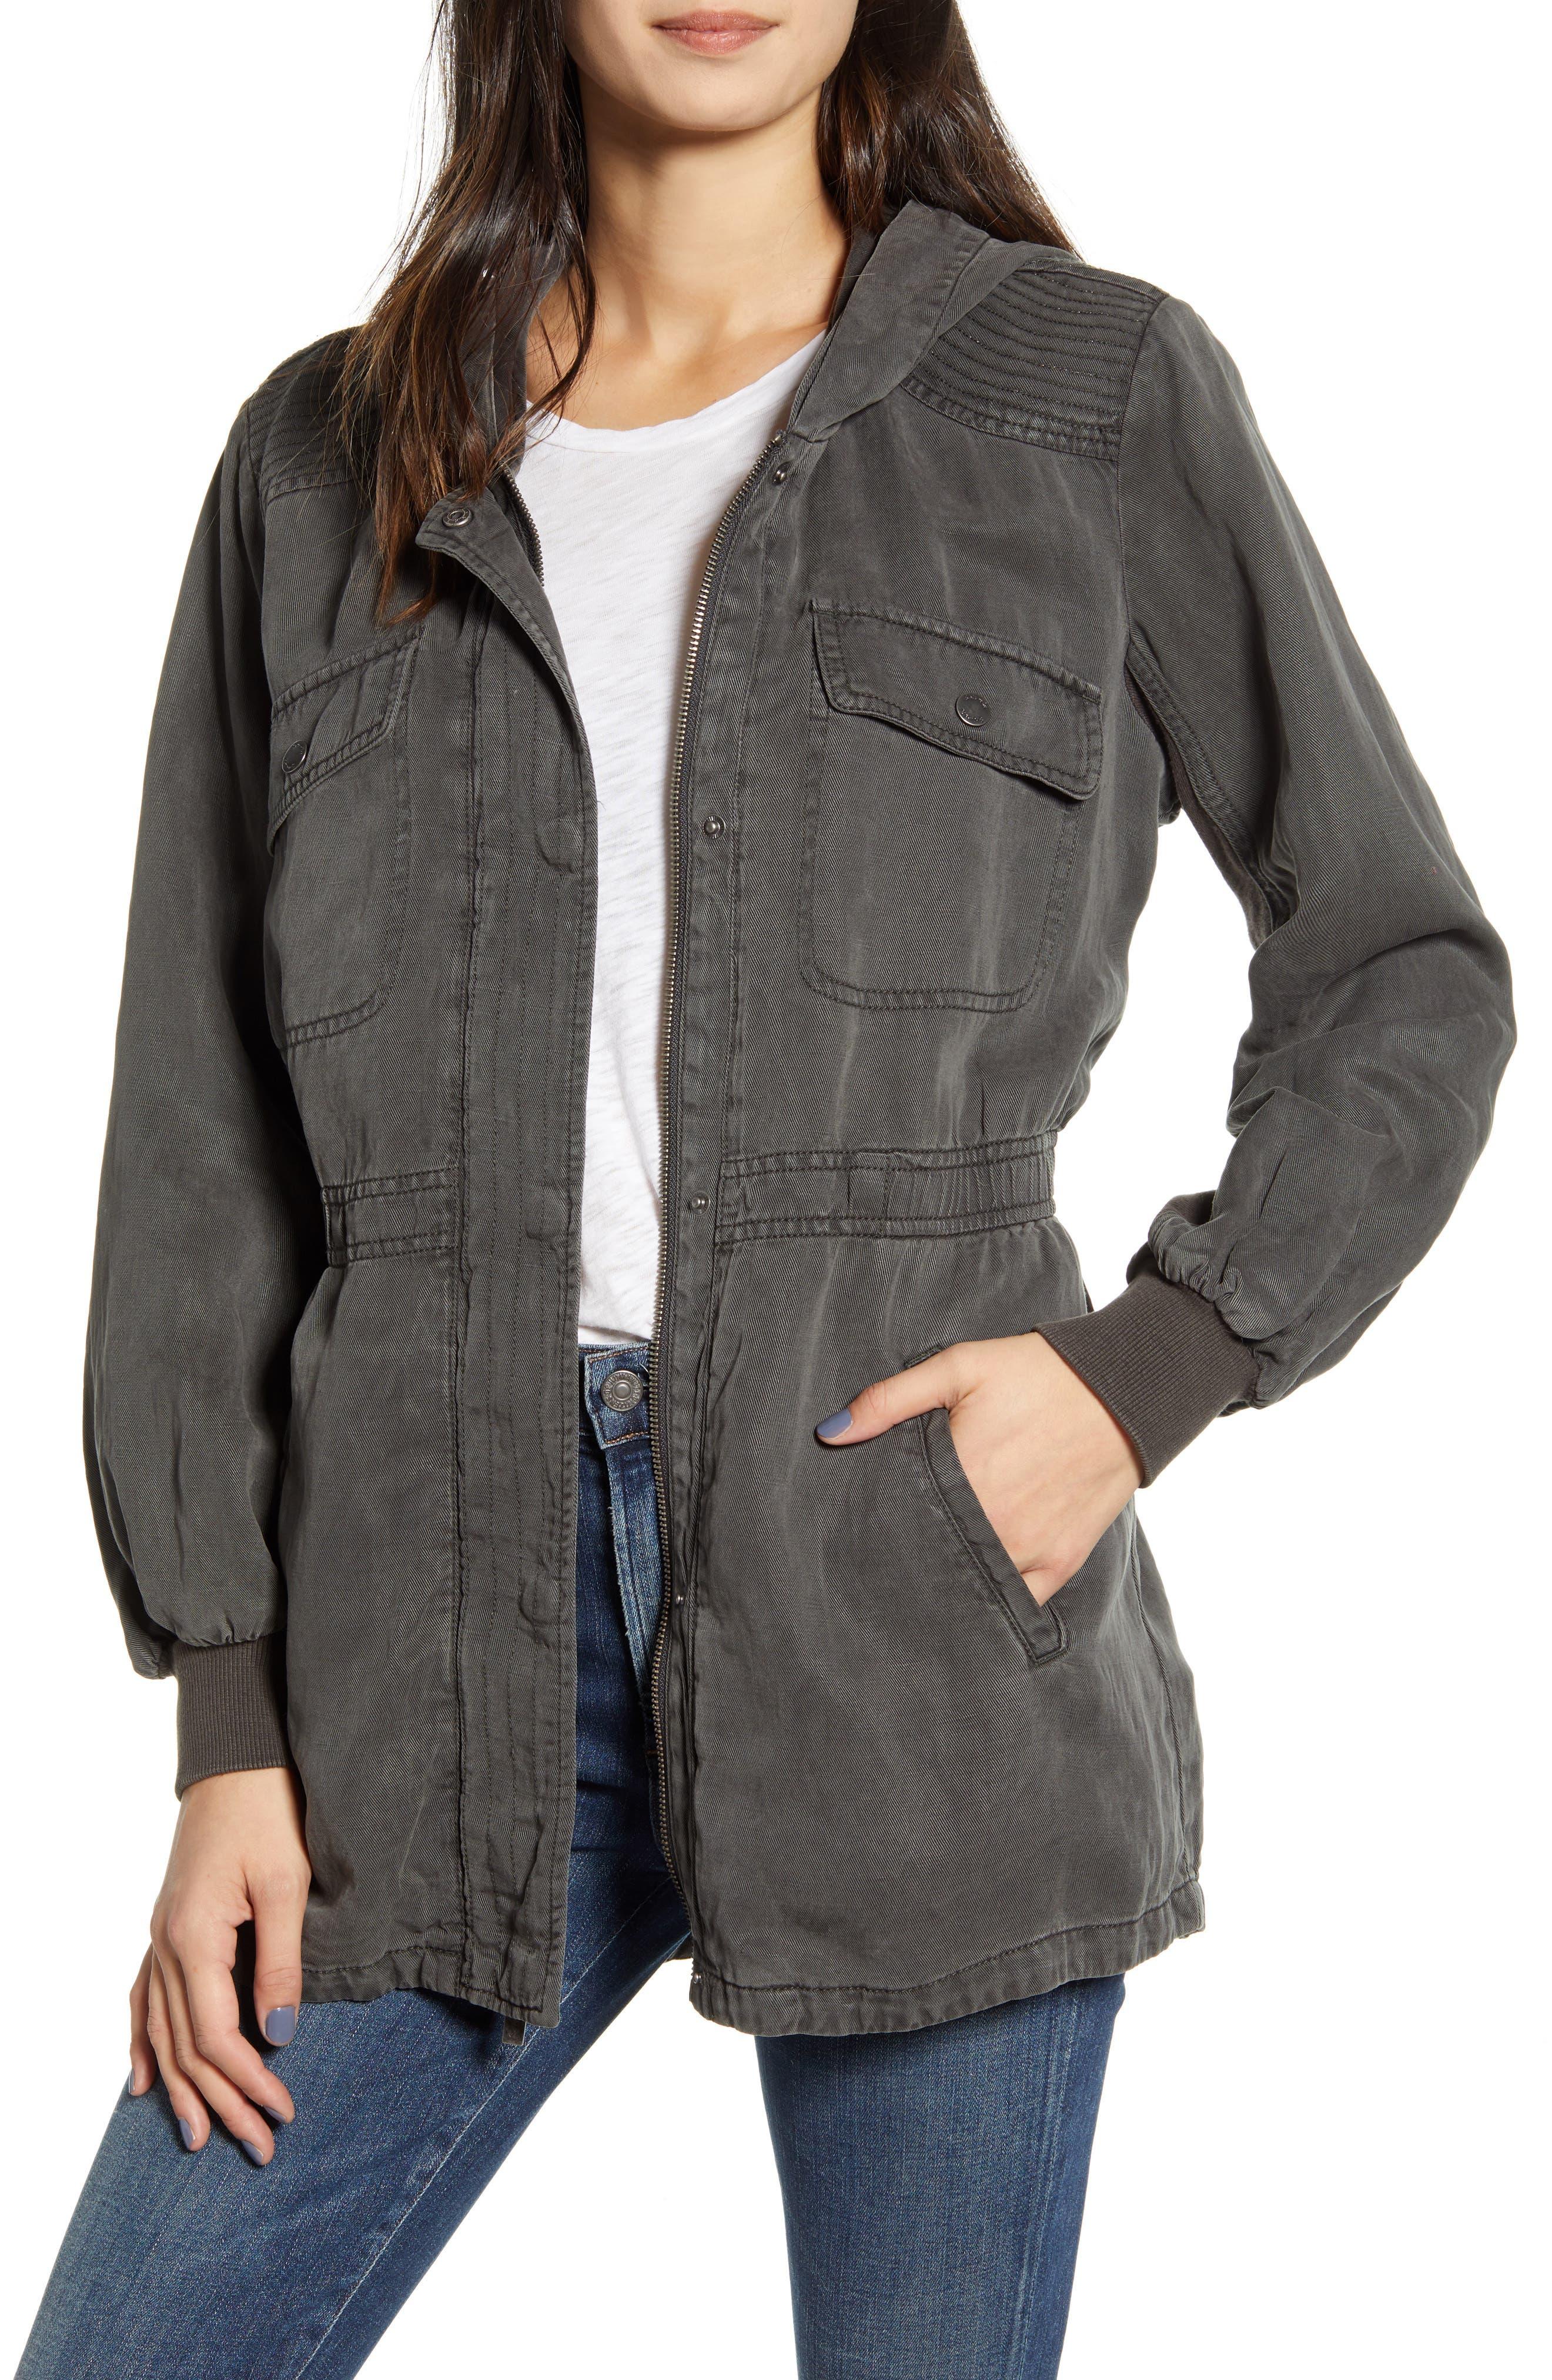 Women's Splendid Coats & Jackets | Nordstrom